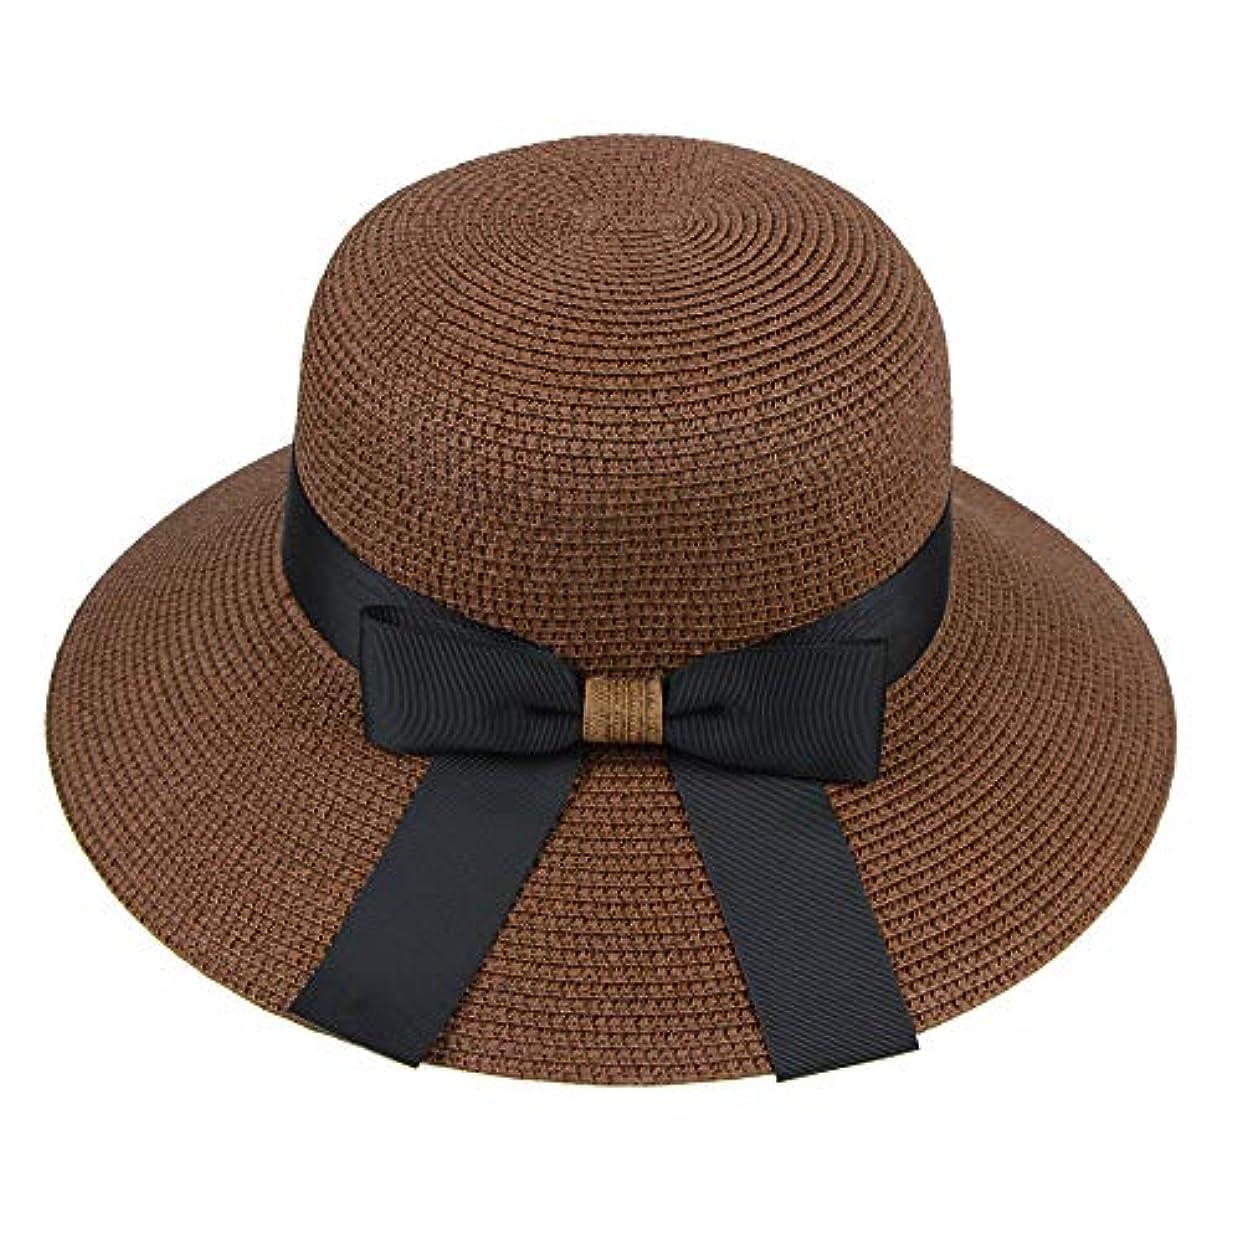 くつろぎハード熱心漁師帽 帽子 レディース UVカット 帽子 夏季 海 旅行 UV帽子 日焼け防止 つば広 取り外すあご紐 おしゃれ 可愛い ワイルド カジュアル スタイル ファッション シンプル 夏 ビーチ 必須 小顔効果 ROSE ROMAN